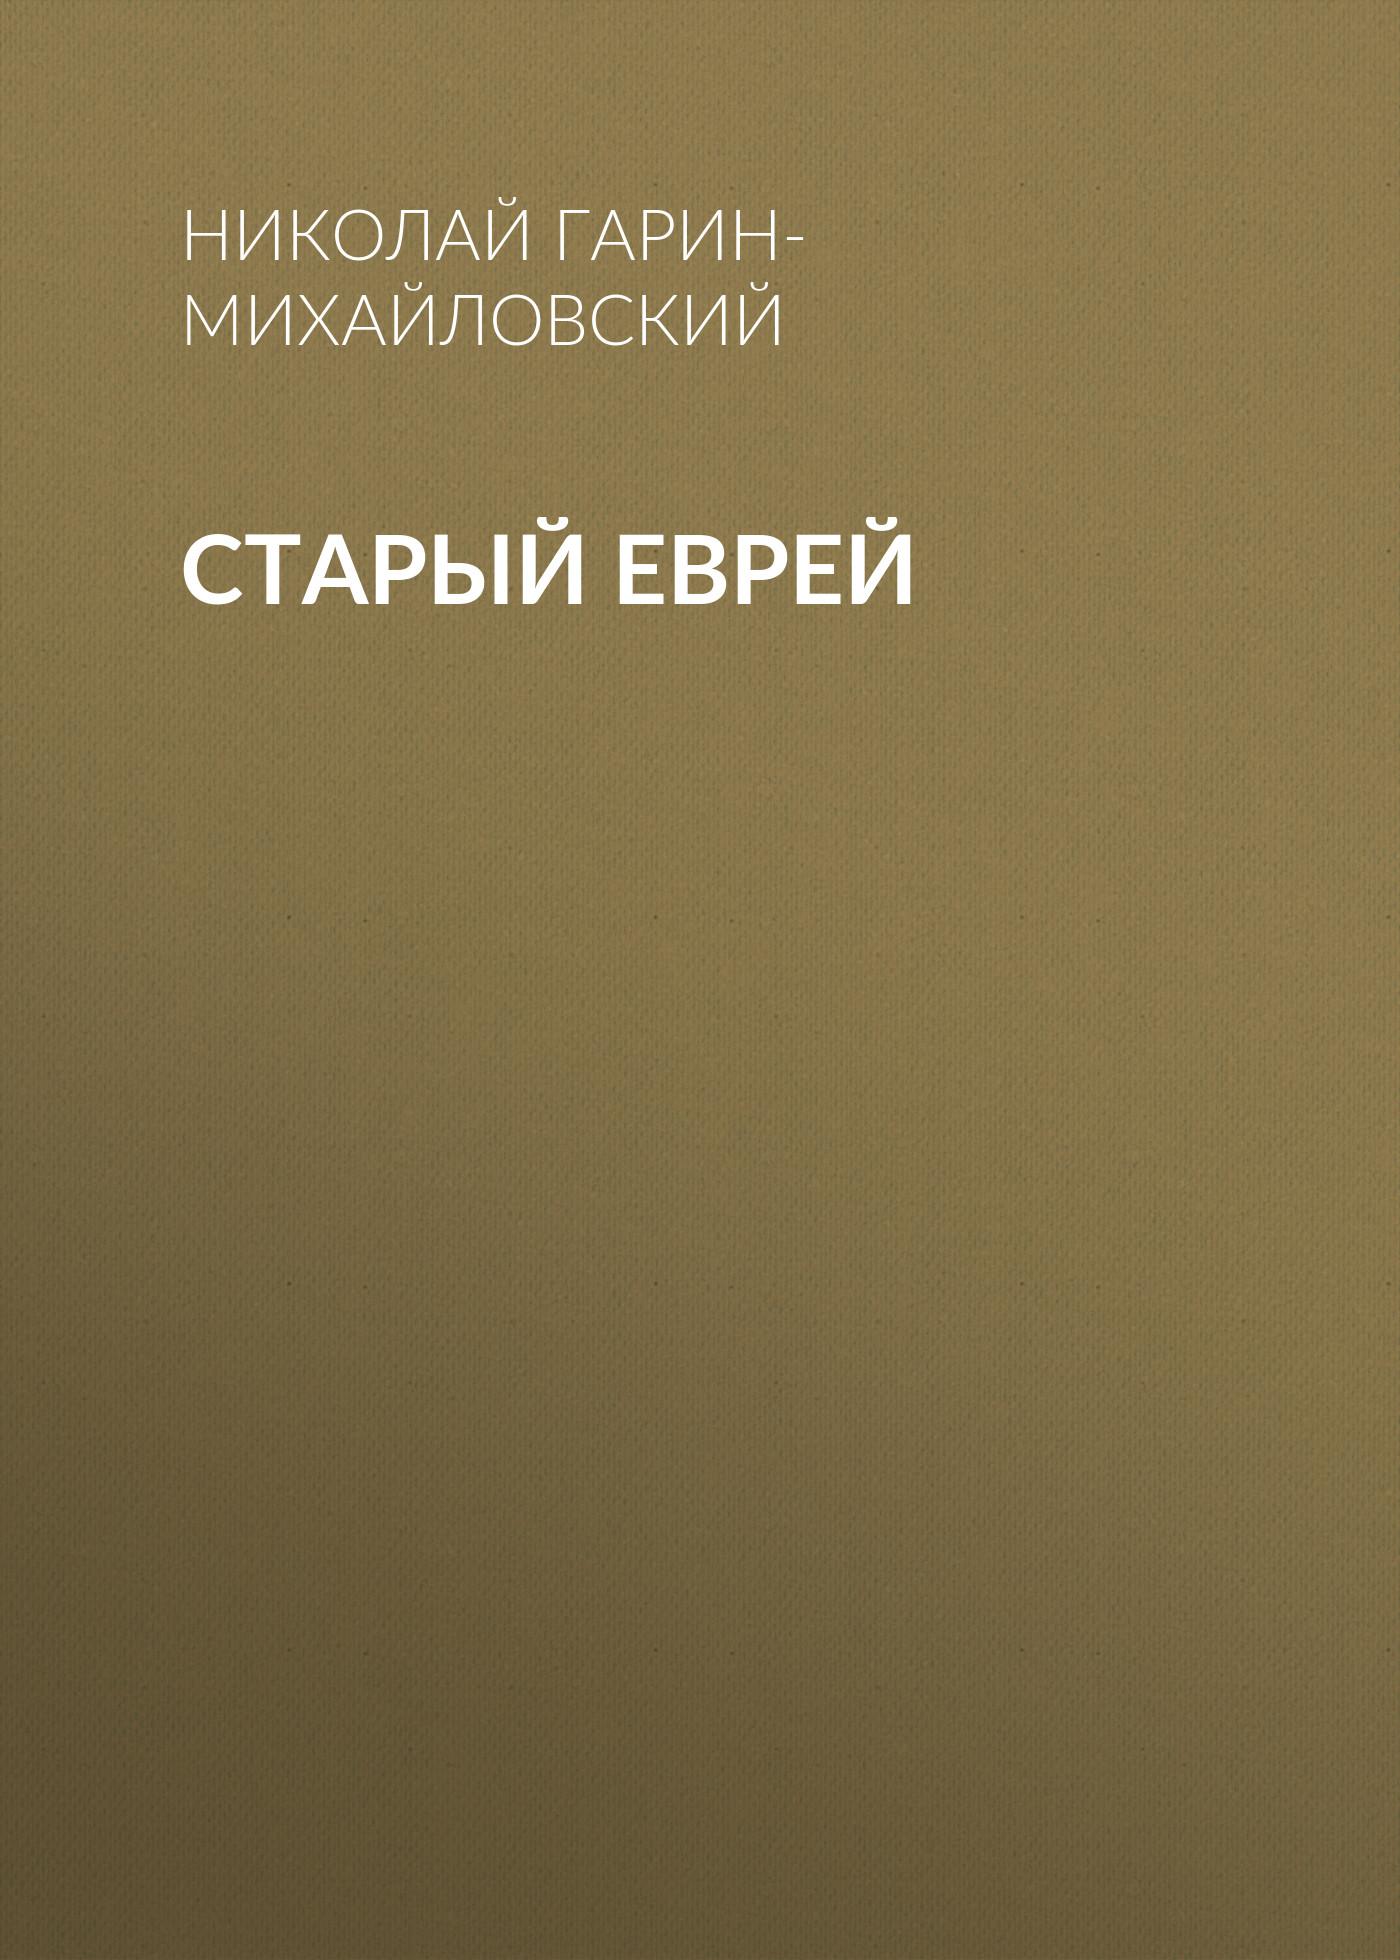 Николай Гарин-Михайловский Старый еврей цена